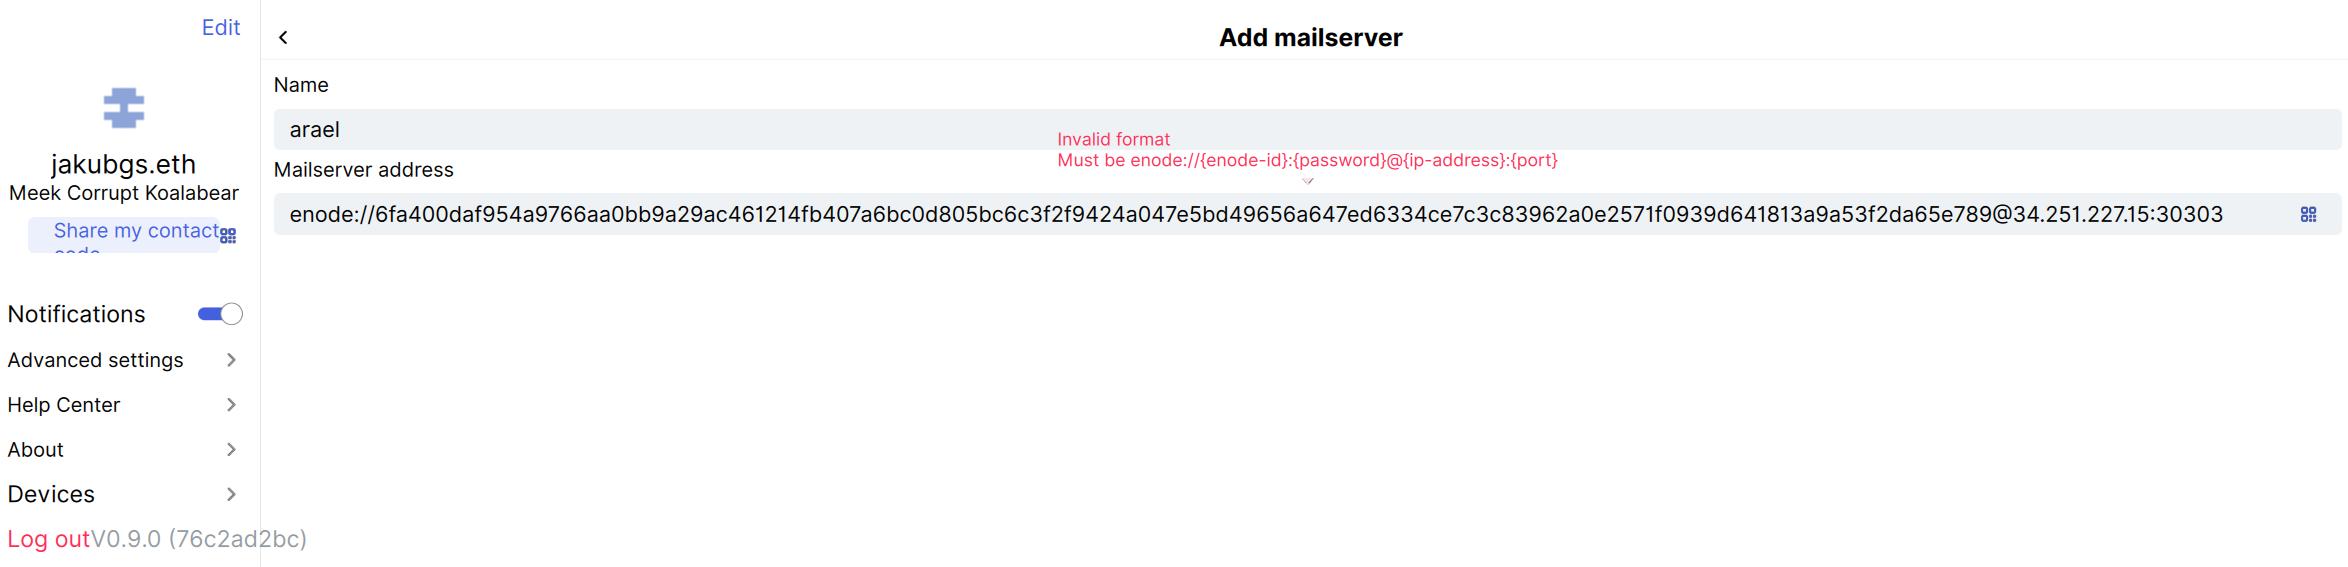 cant_add_mailserver_desktop